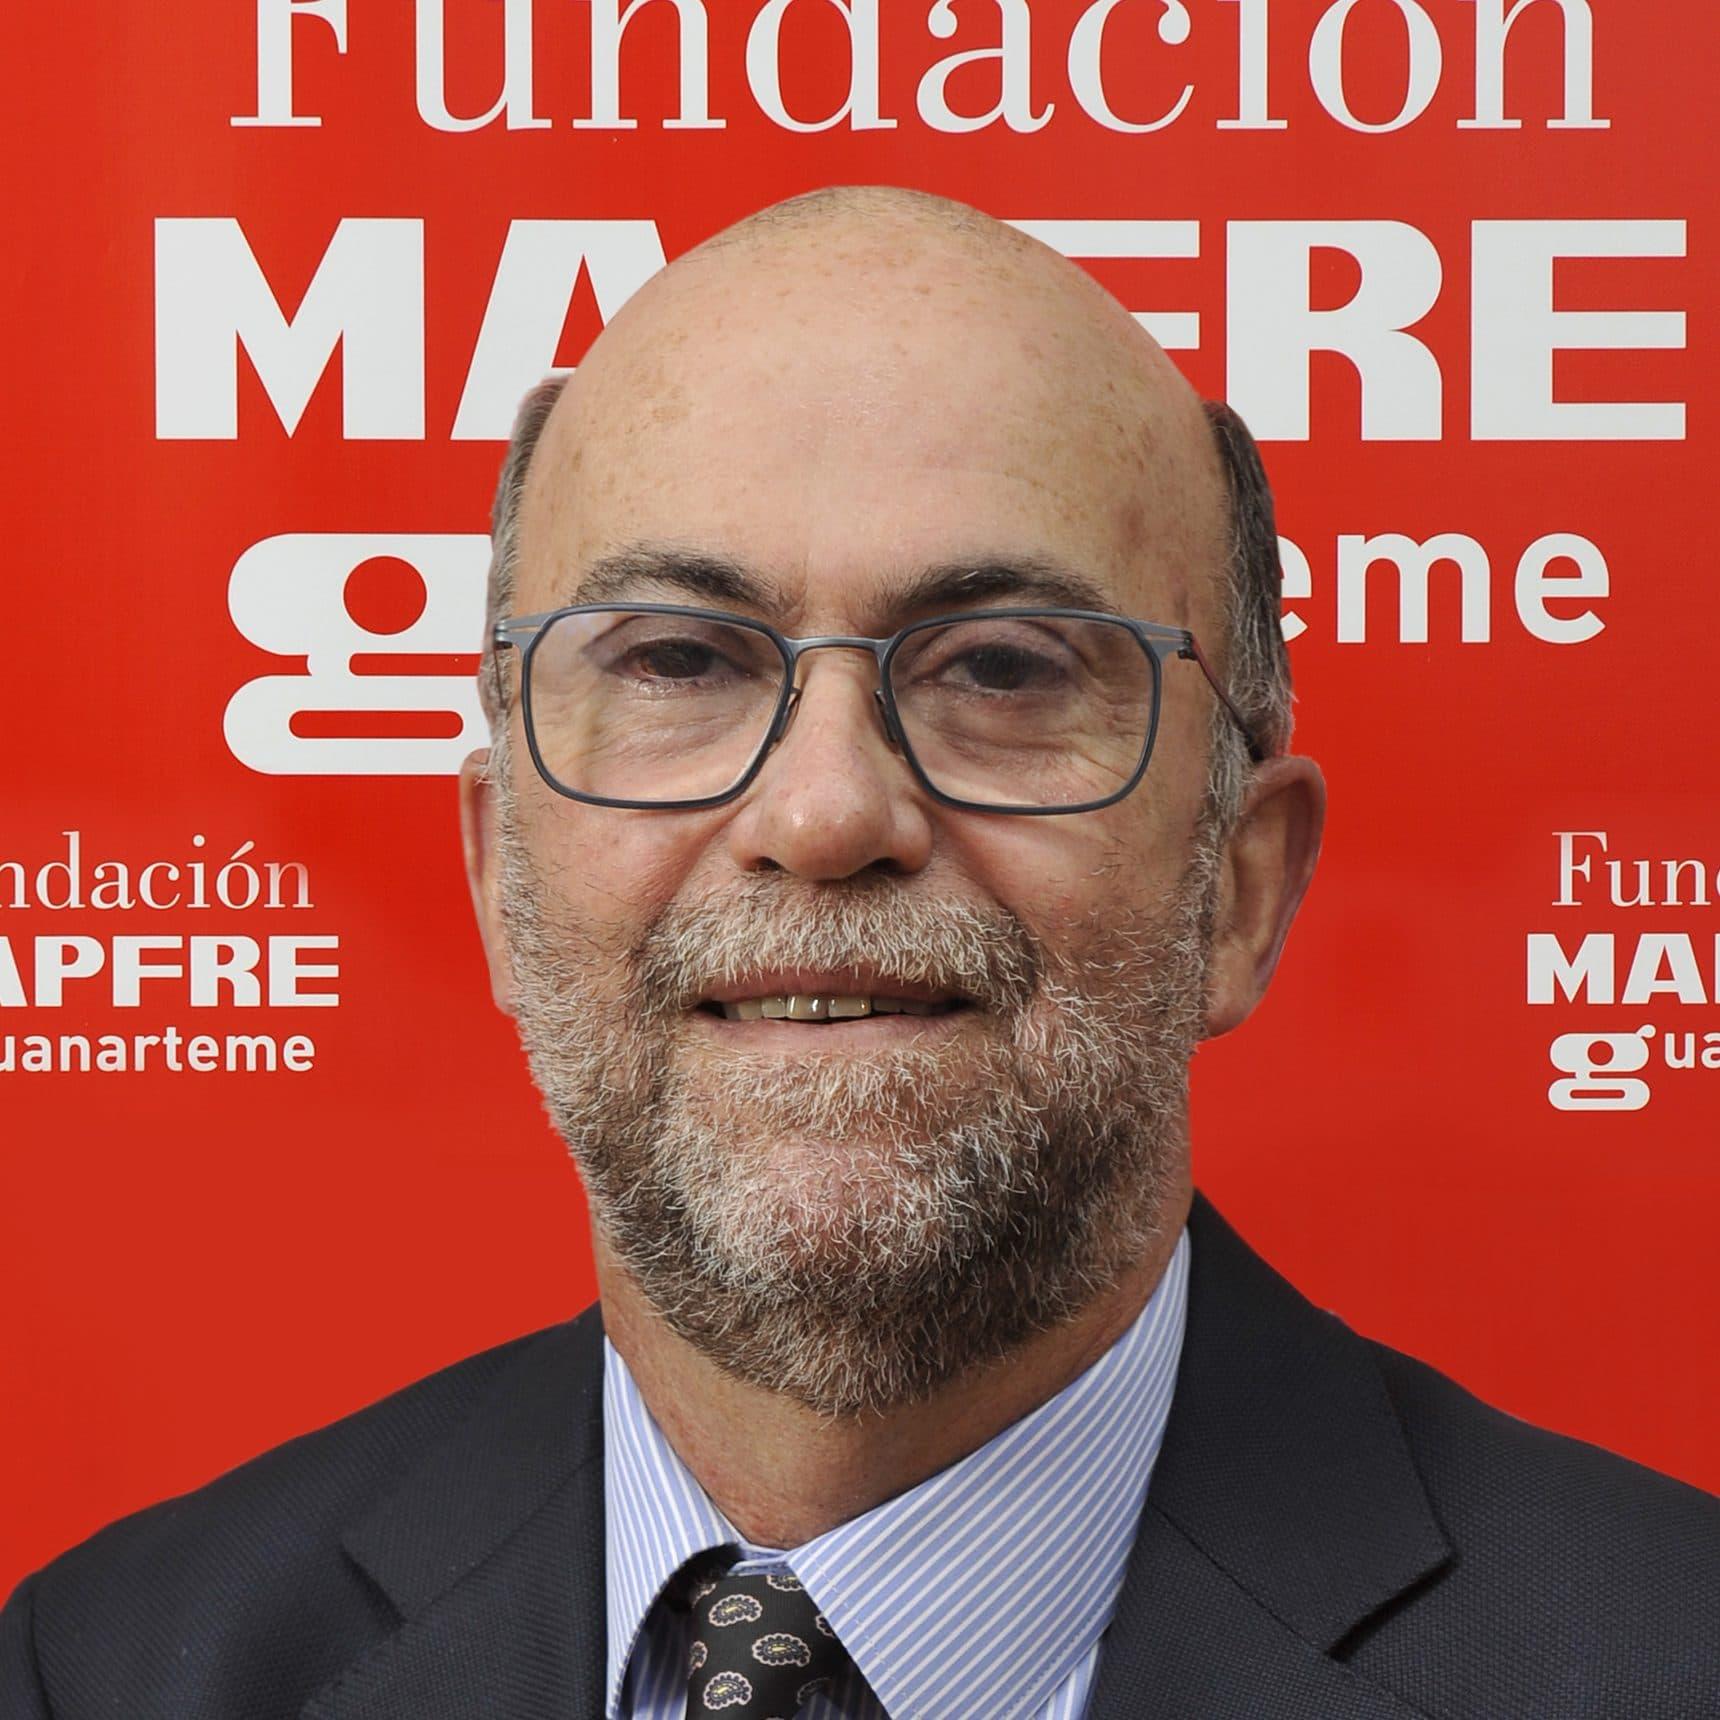 Julián Pedro Sáenz Cortés